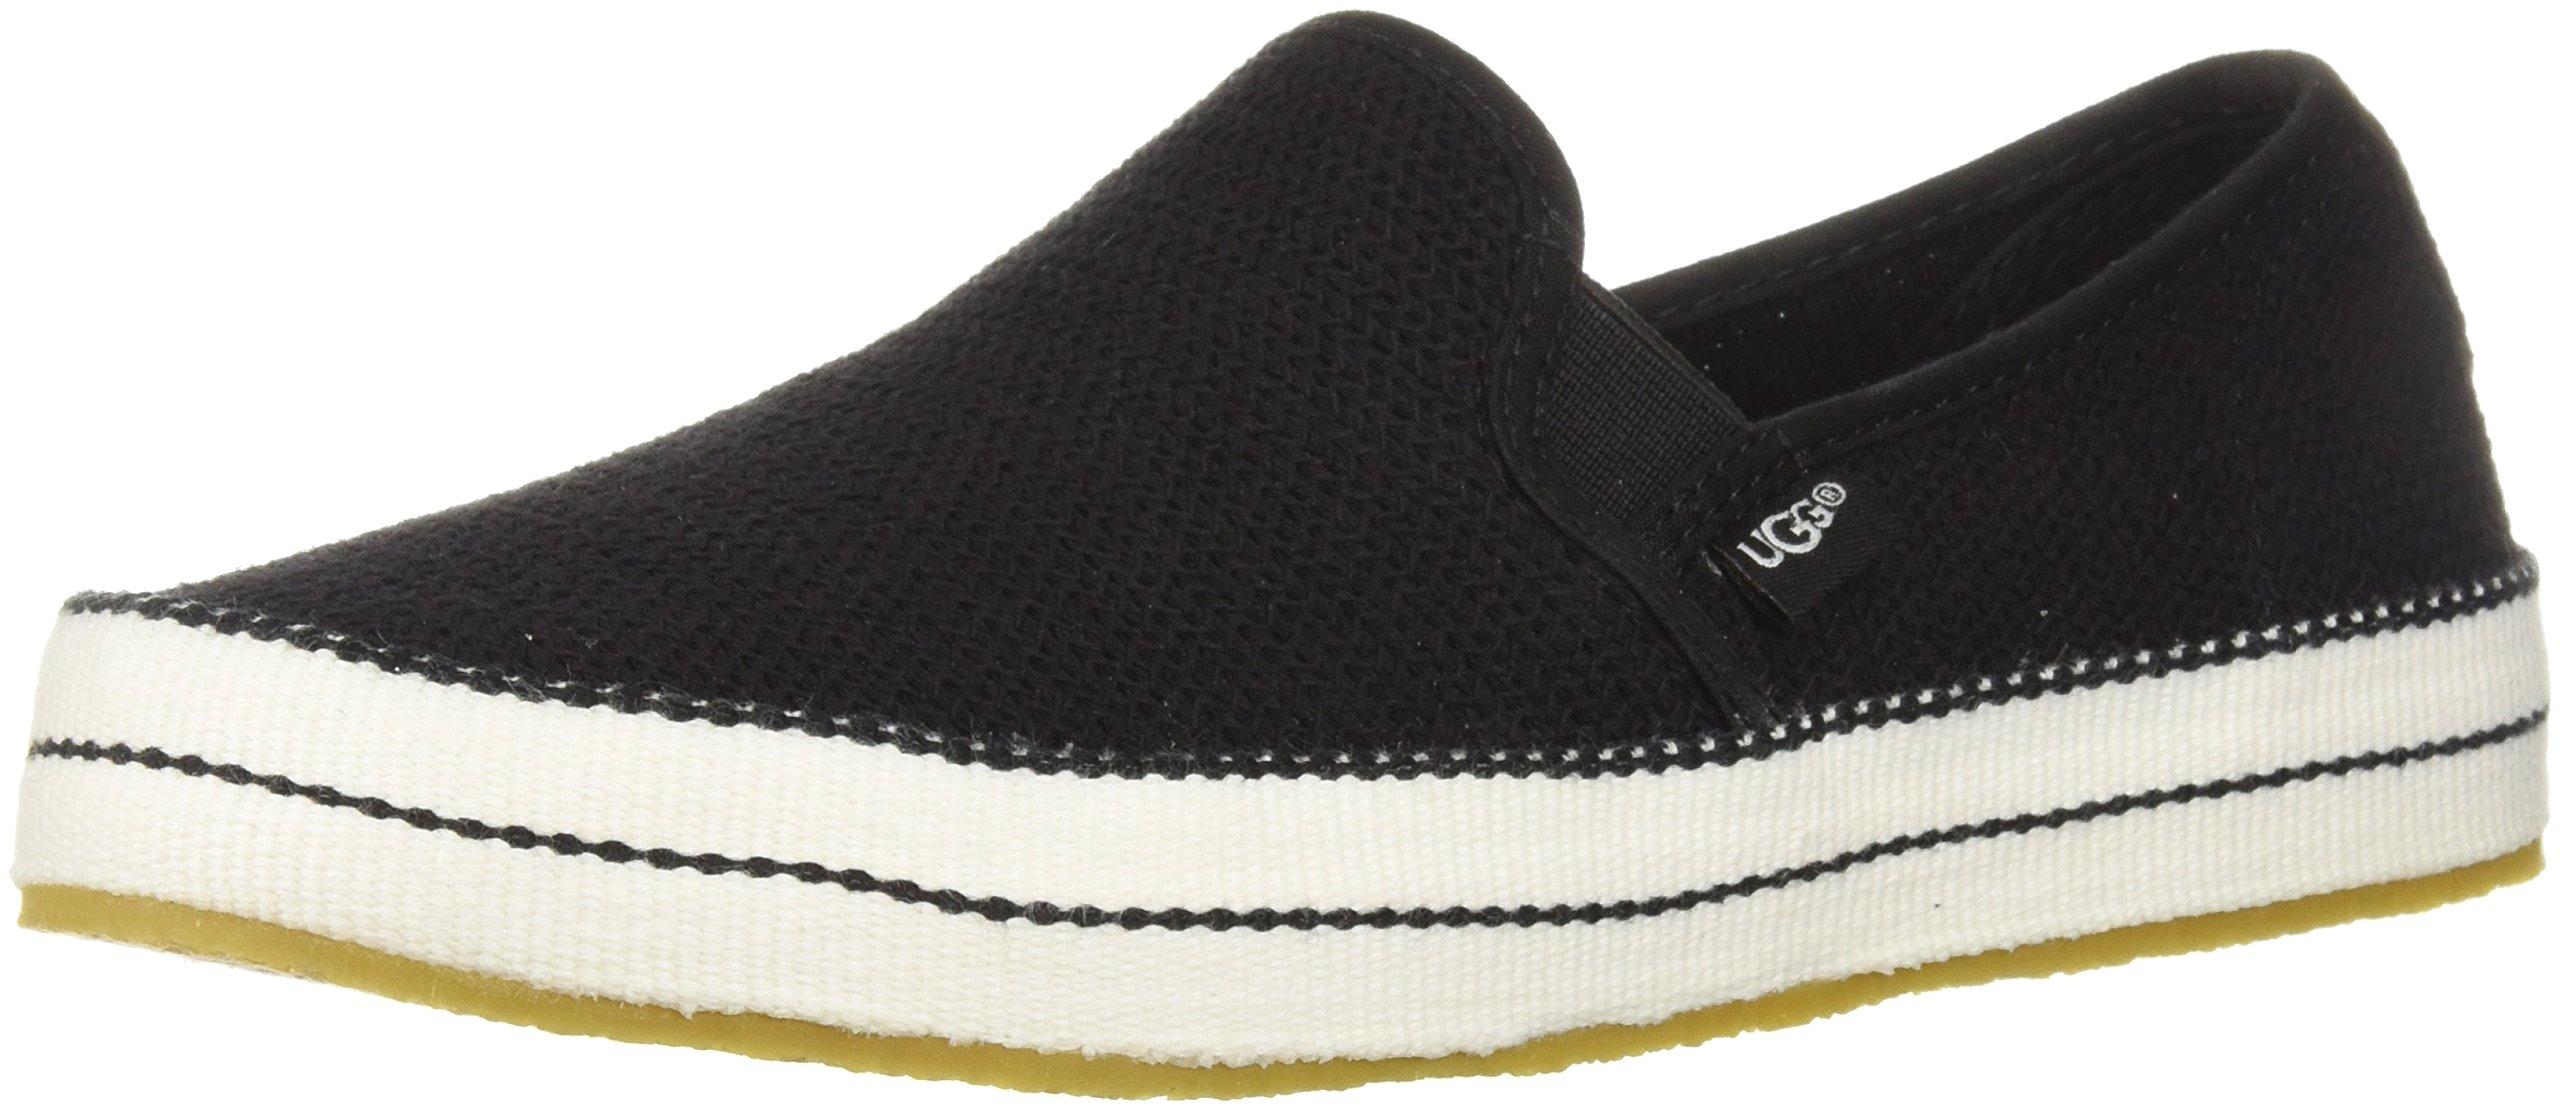 UGG Women's Bren Sneaker, black, 5 M US